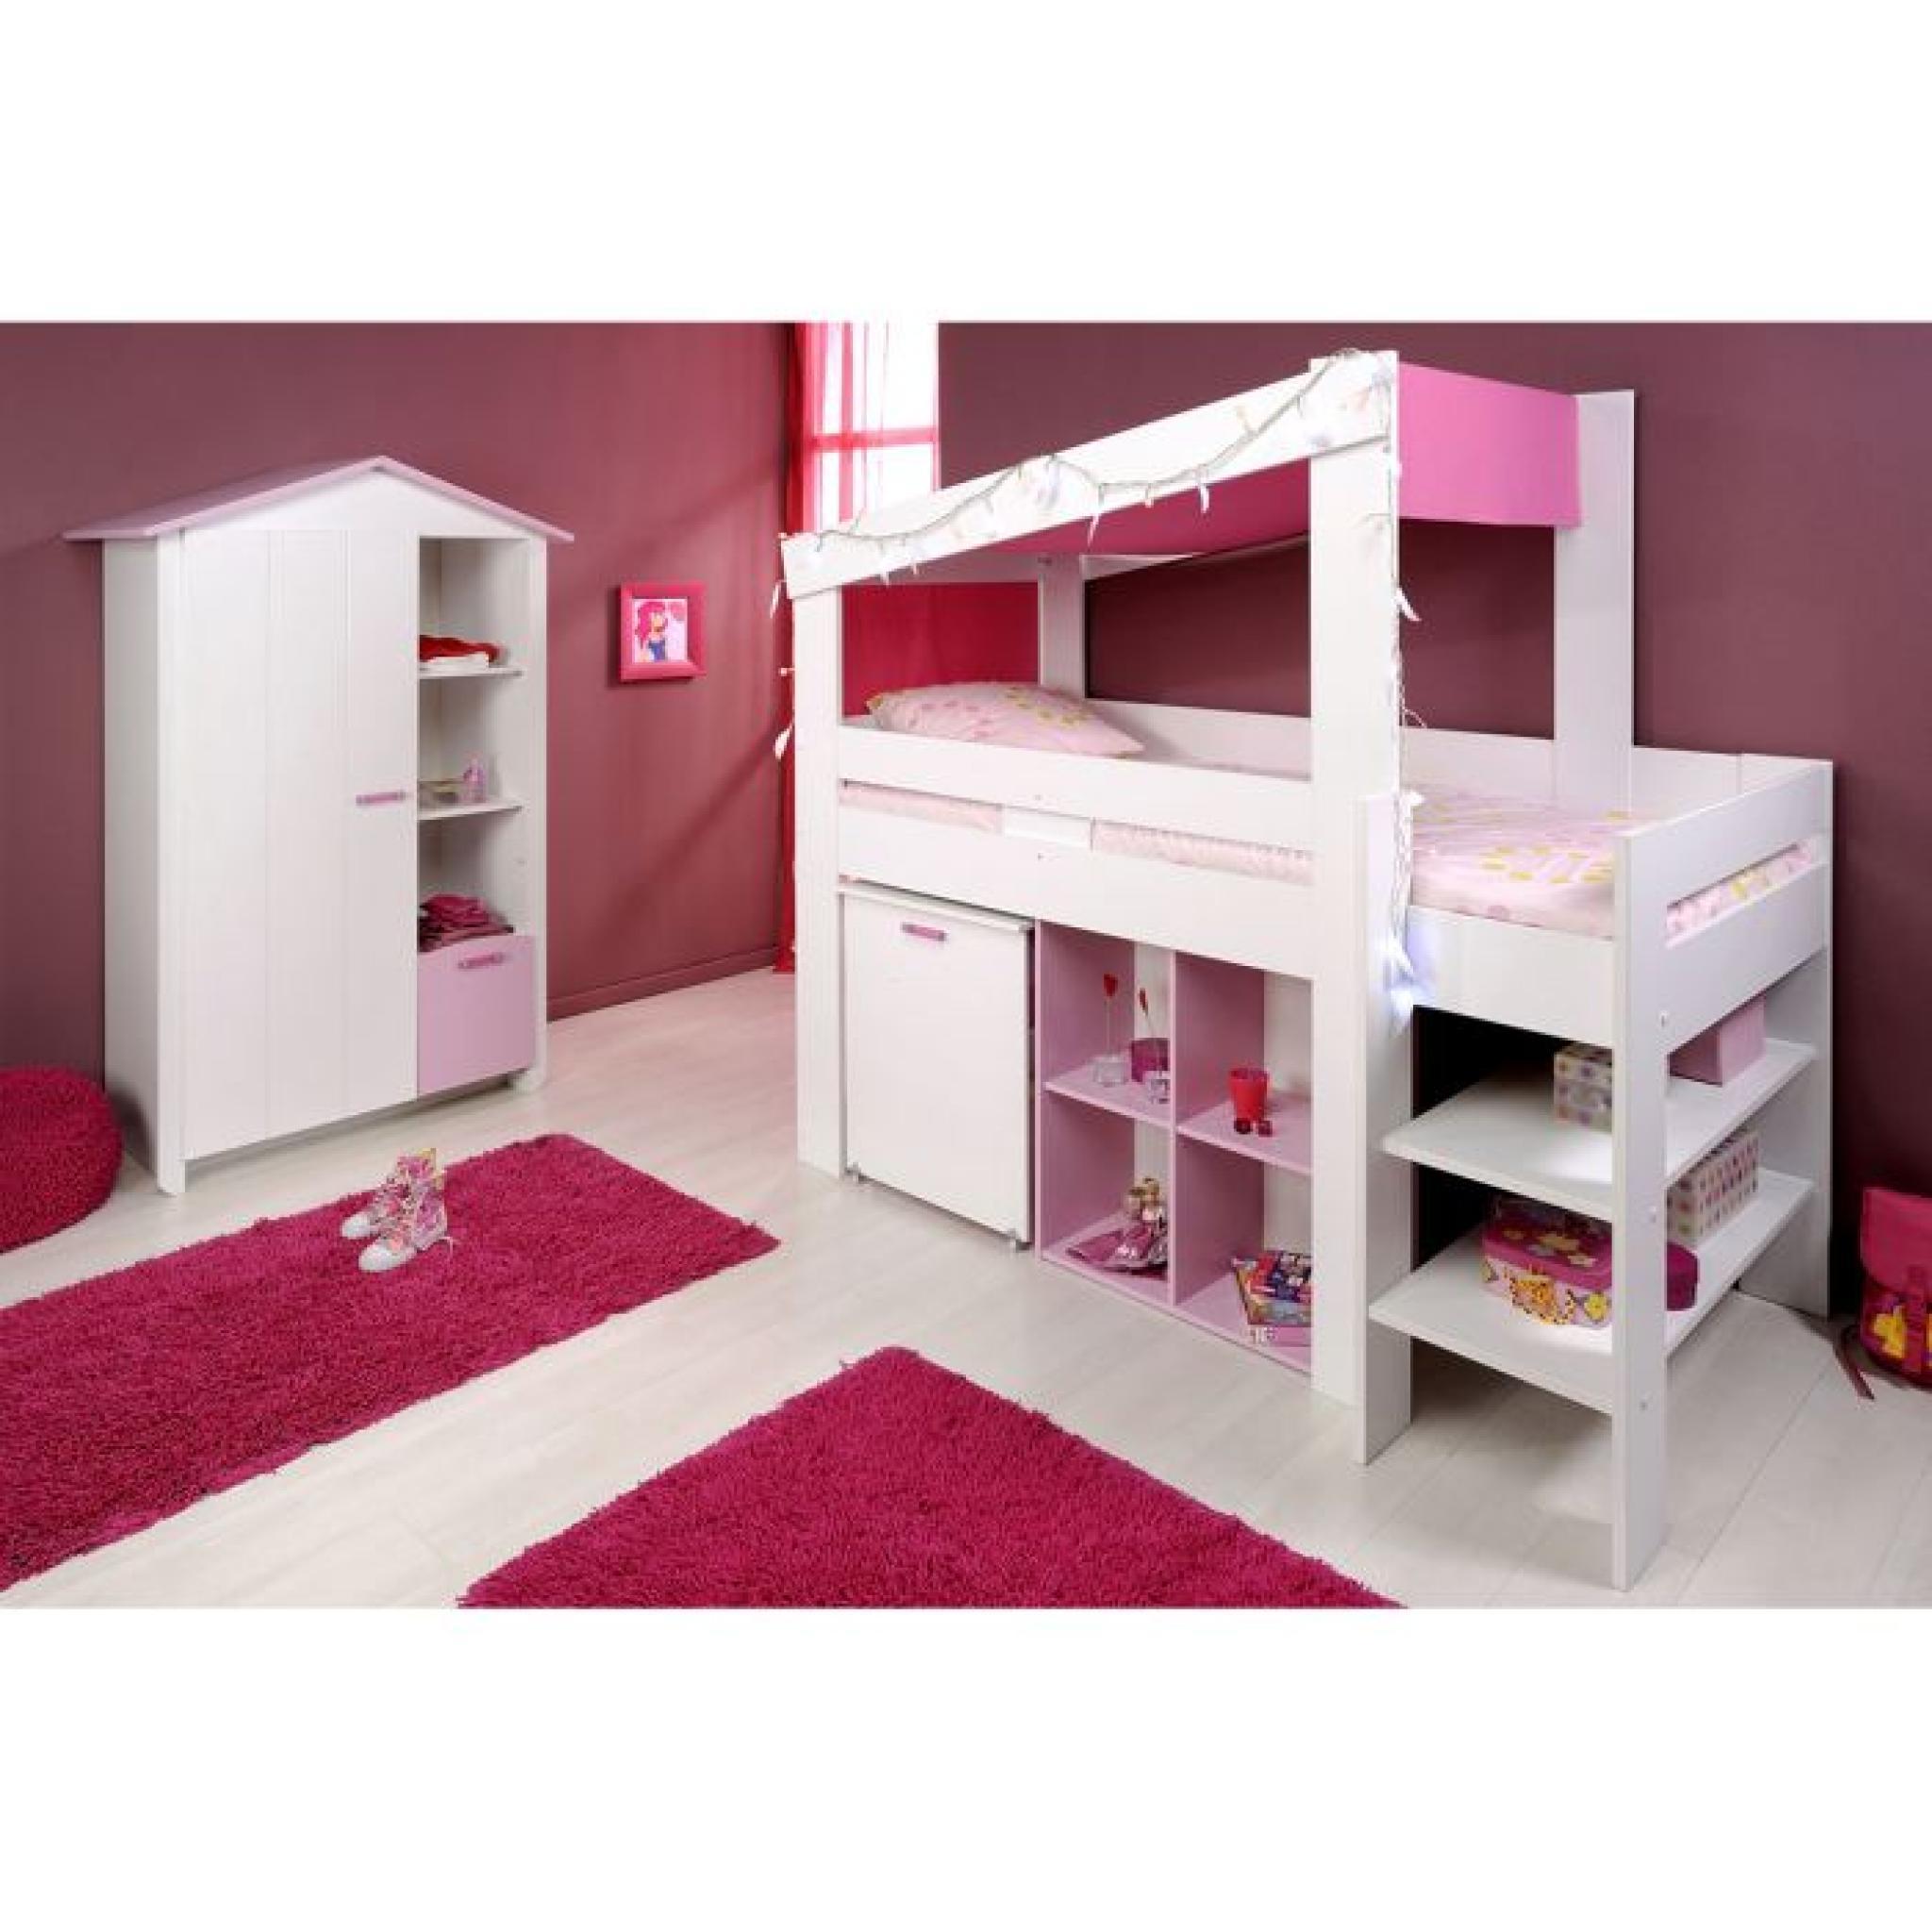 lit combine pas cher latest lit combin couchages gris et blanc with lit combine pas cher great. Black Bedroom Furniture Sets. Home Design Ideas